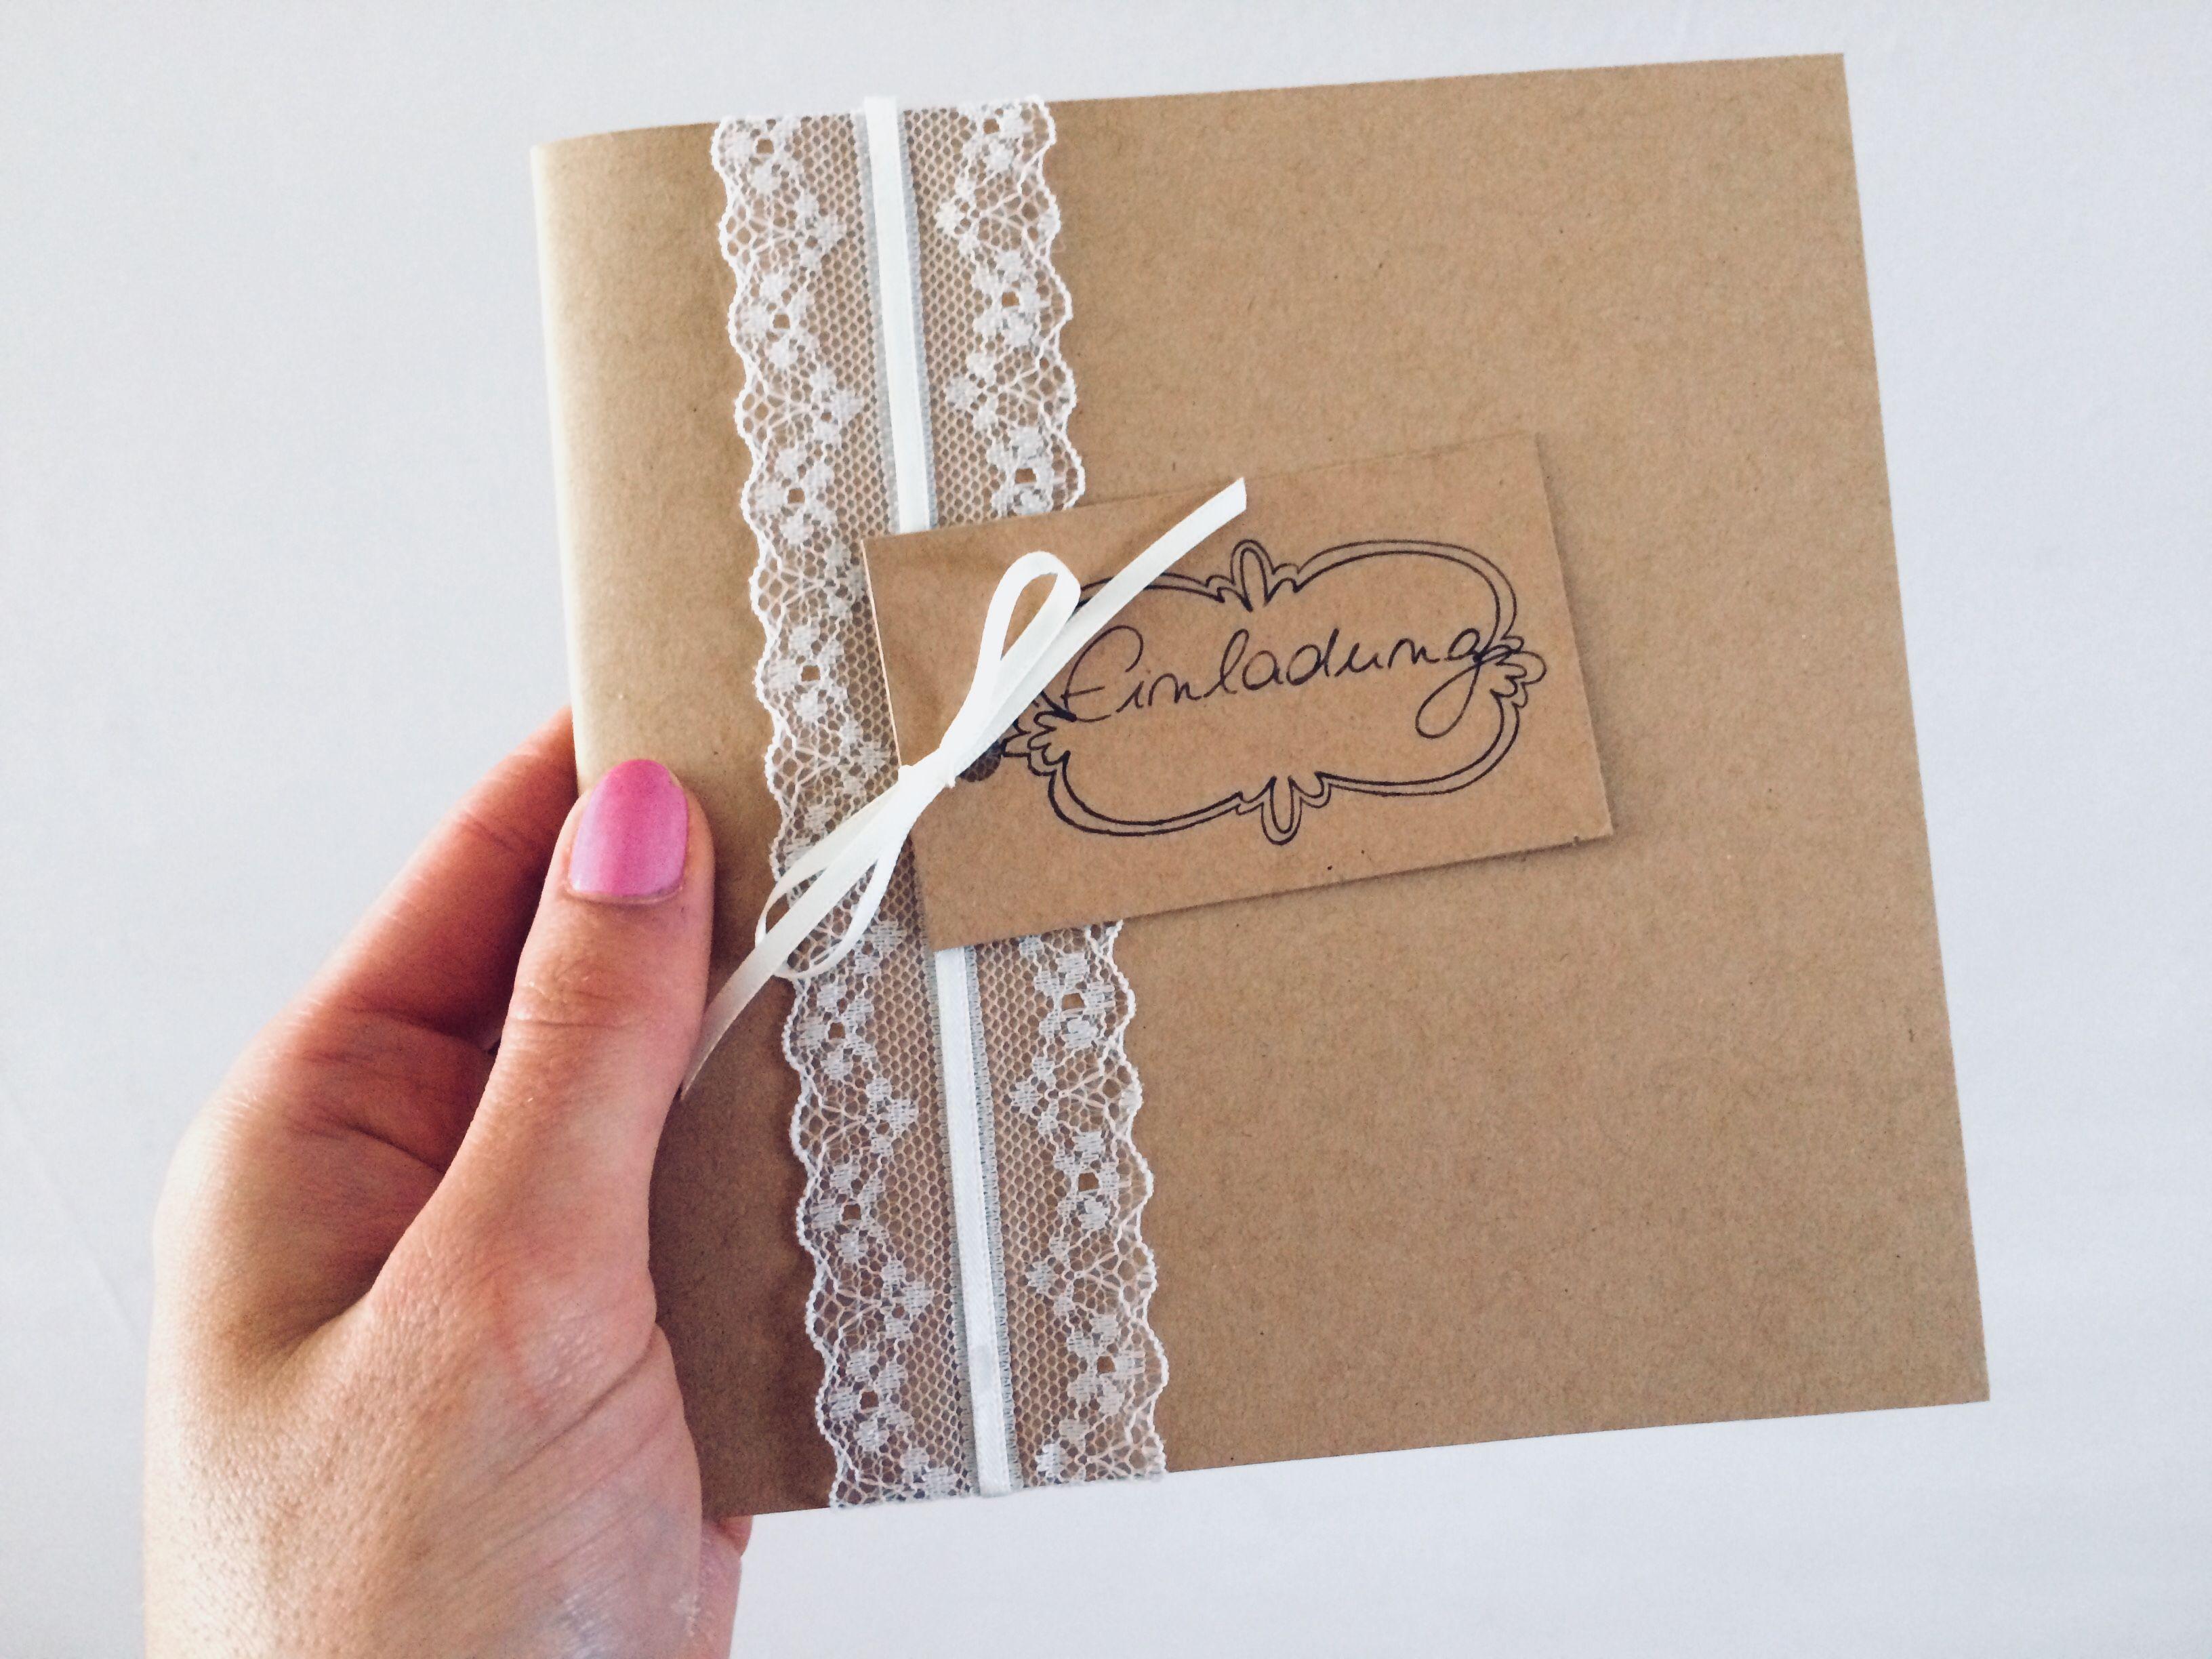 Selbstgemacht, Karte, Basteln, Hochzeitseinladung, Einladung, Hochzeit,  Wedding, Personalisierte Karte